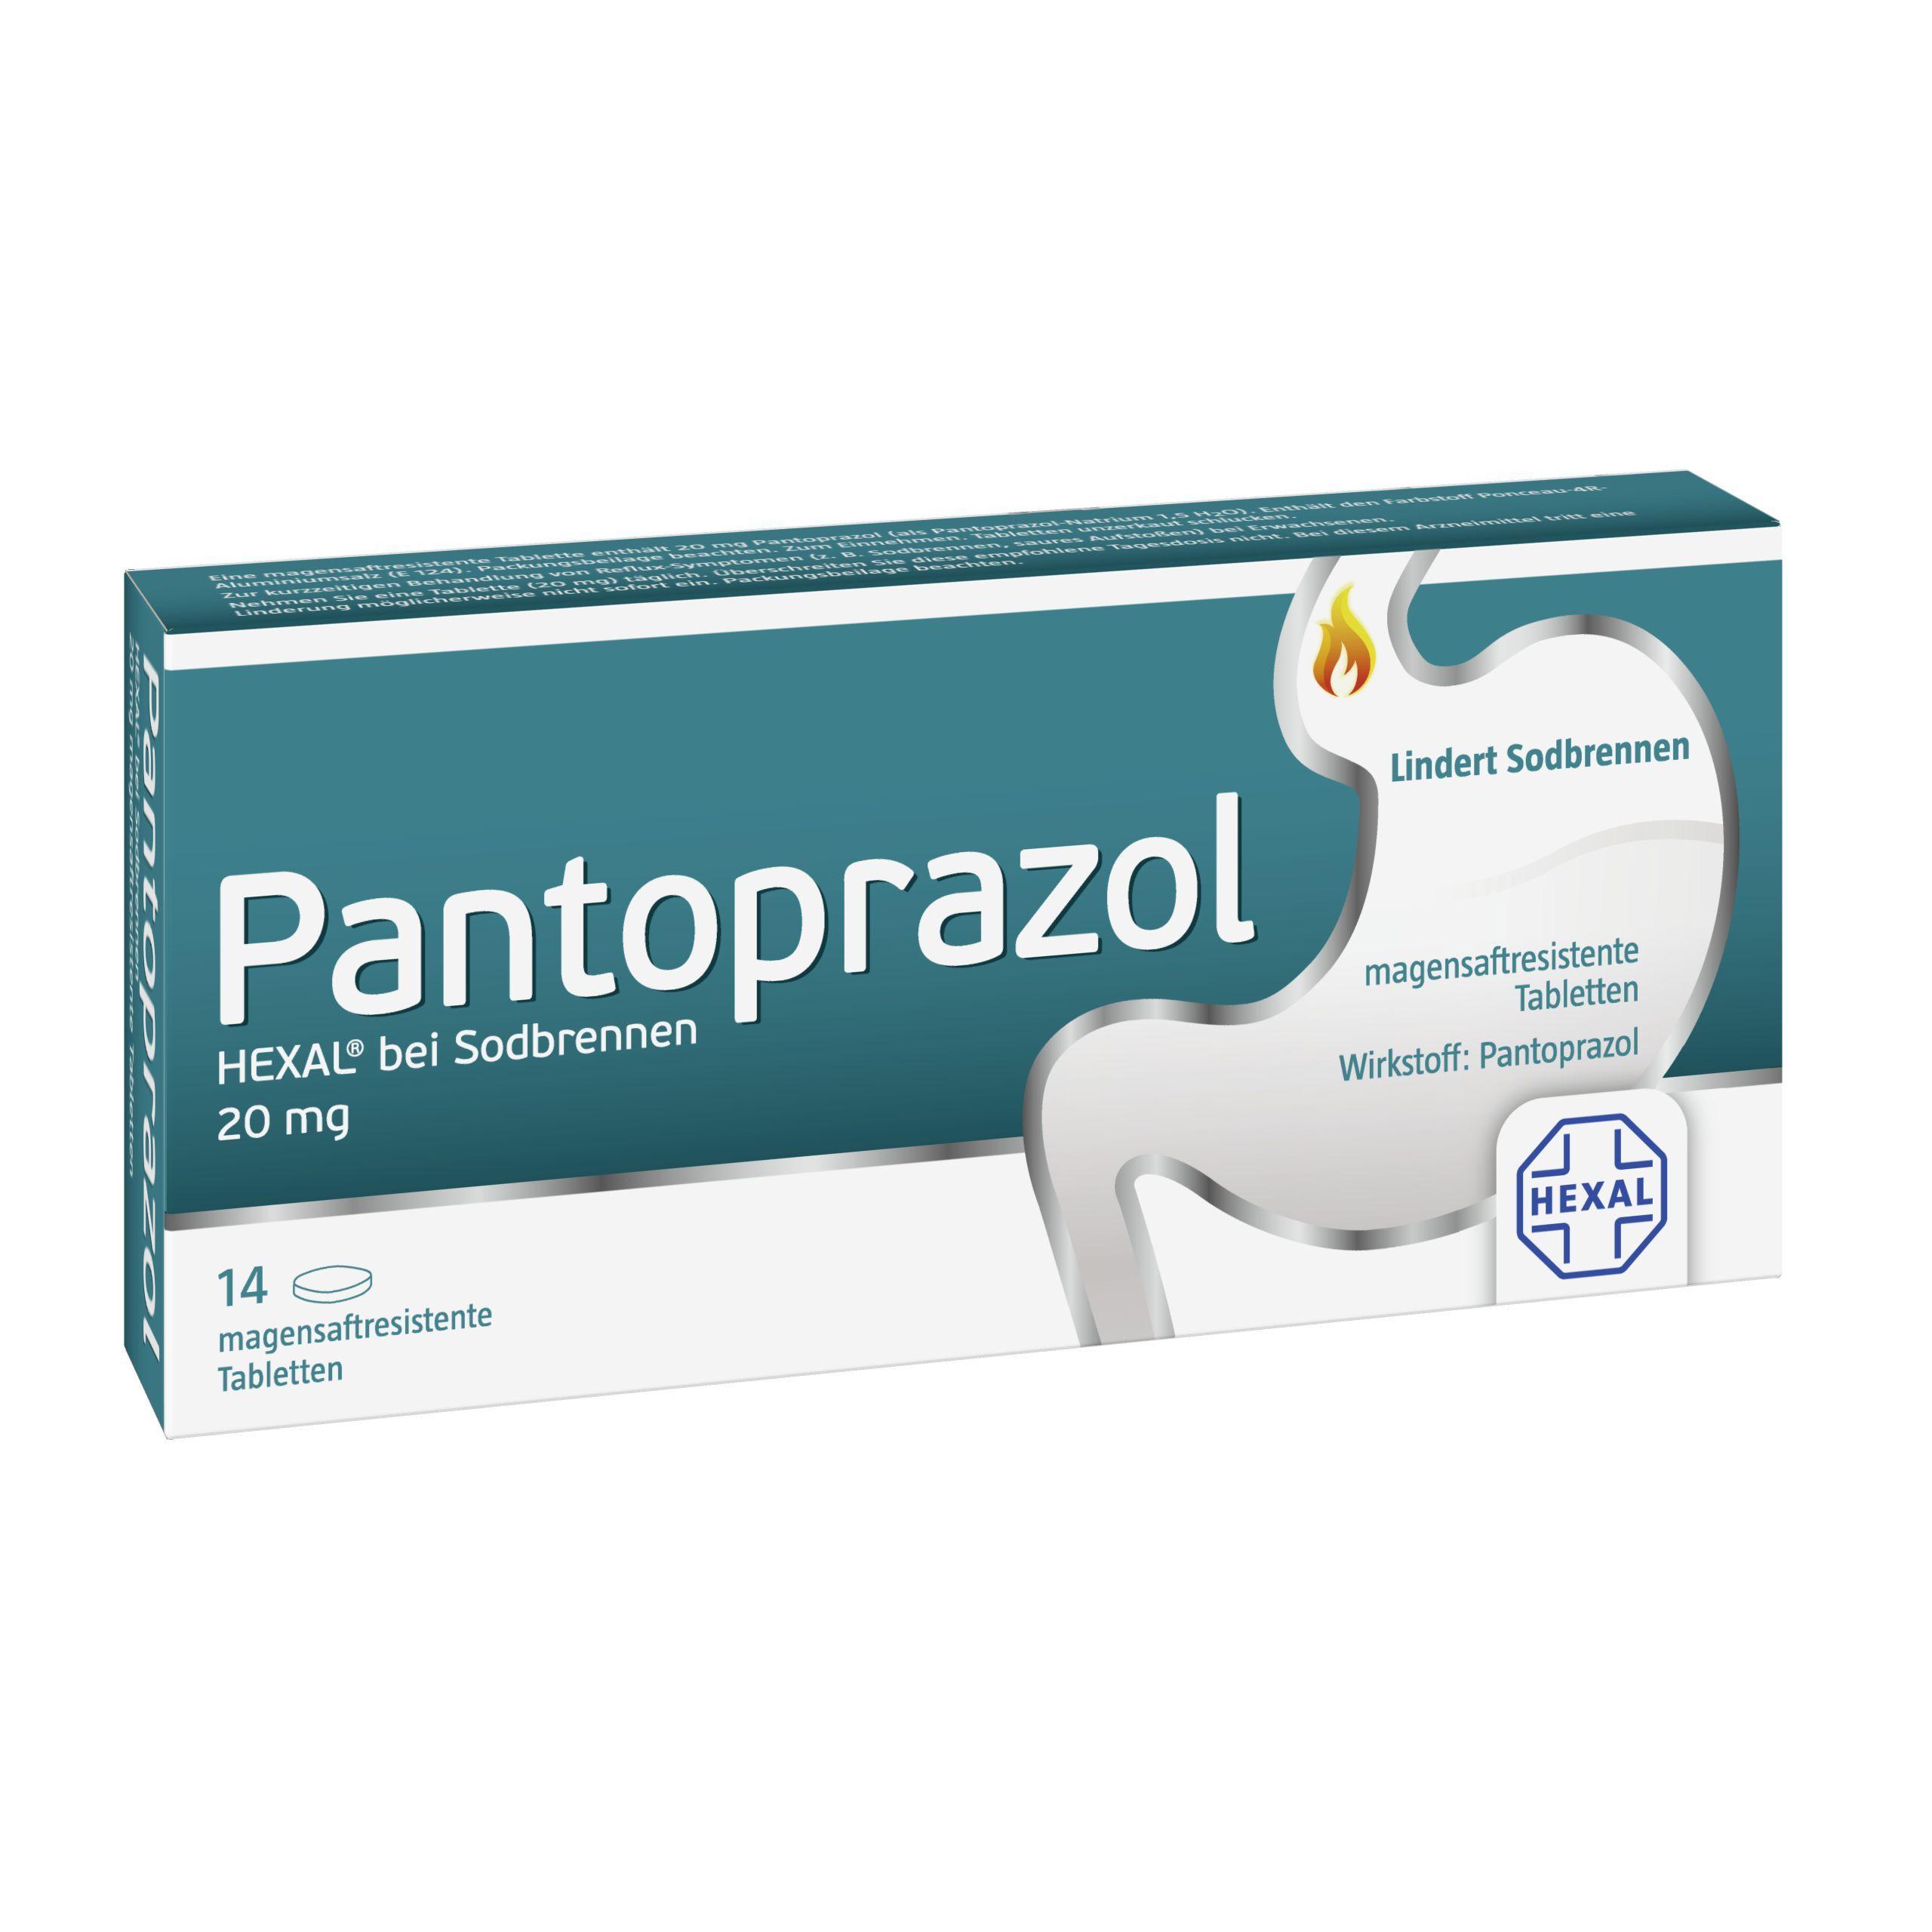 Pantoprazol HEXAL® bei Sodbrennen 20 mg